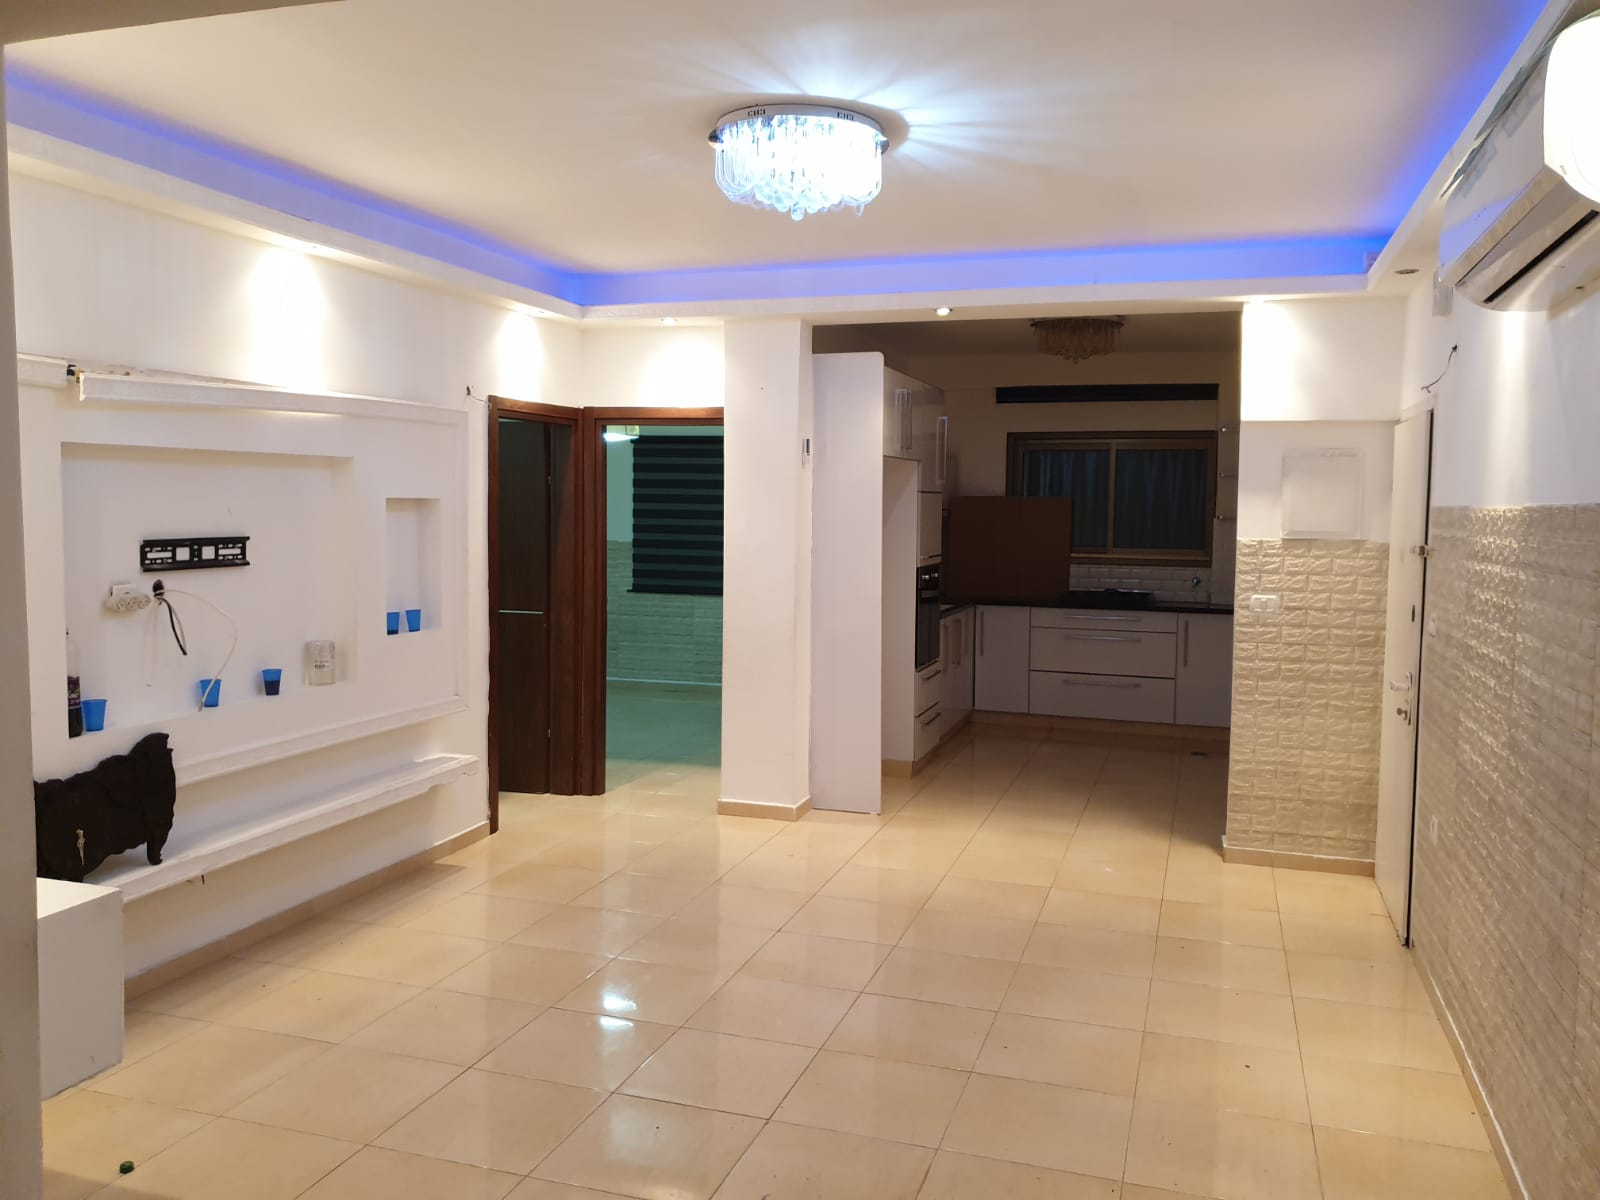 شقة للايجار في مدينة يافا تتكون من غرفتين وصالون كبير